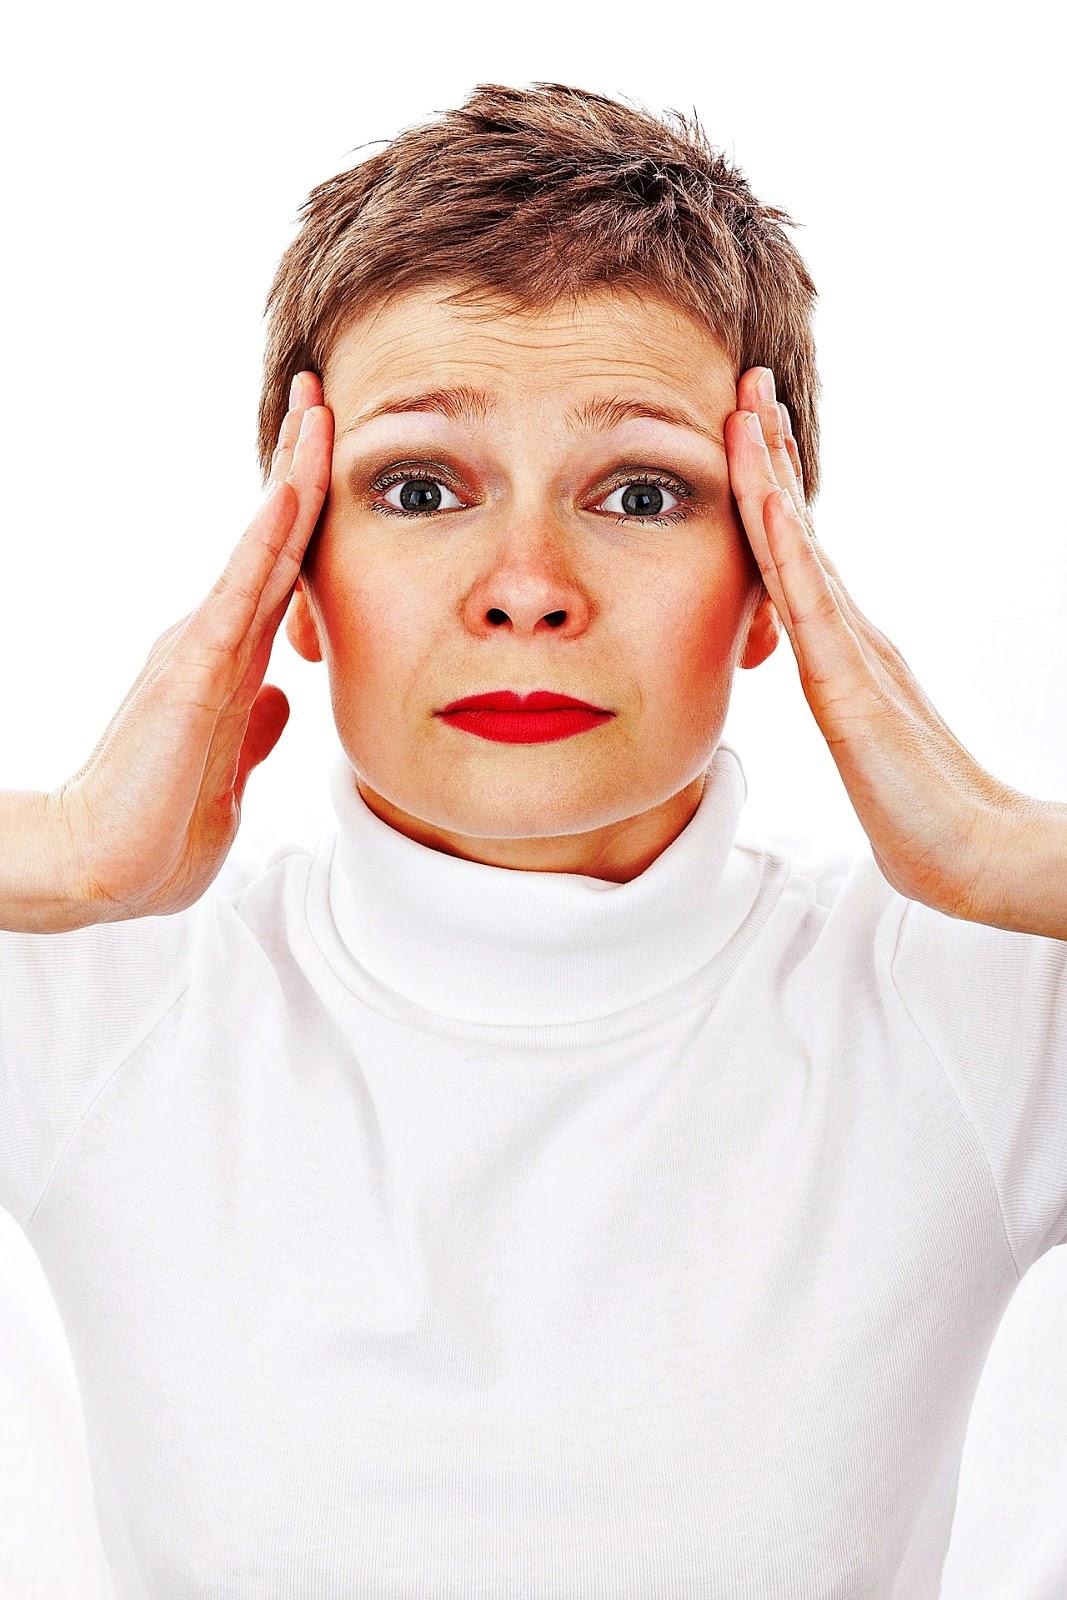 Baş Ağrısı Nasıl Giderilir: Baş Ağrısına Doğal Tedavi